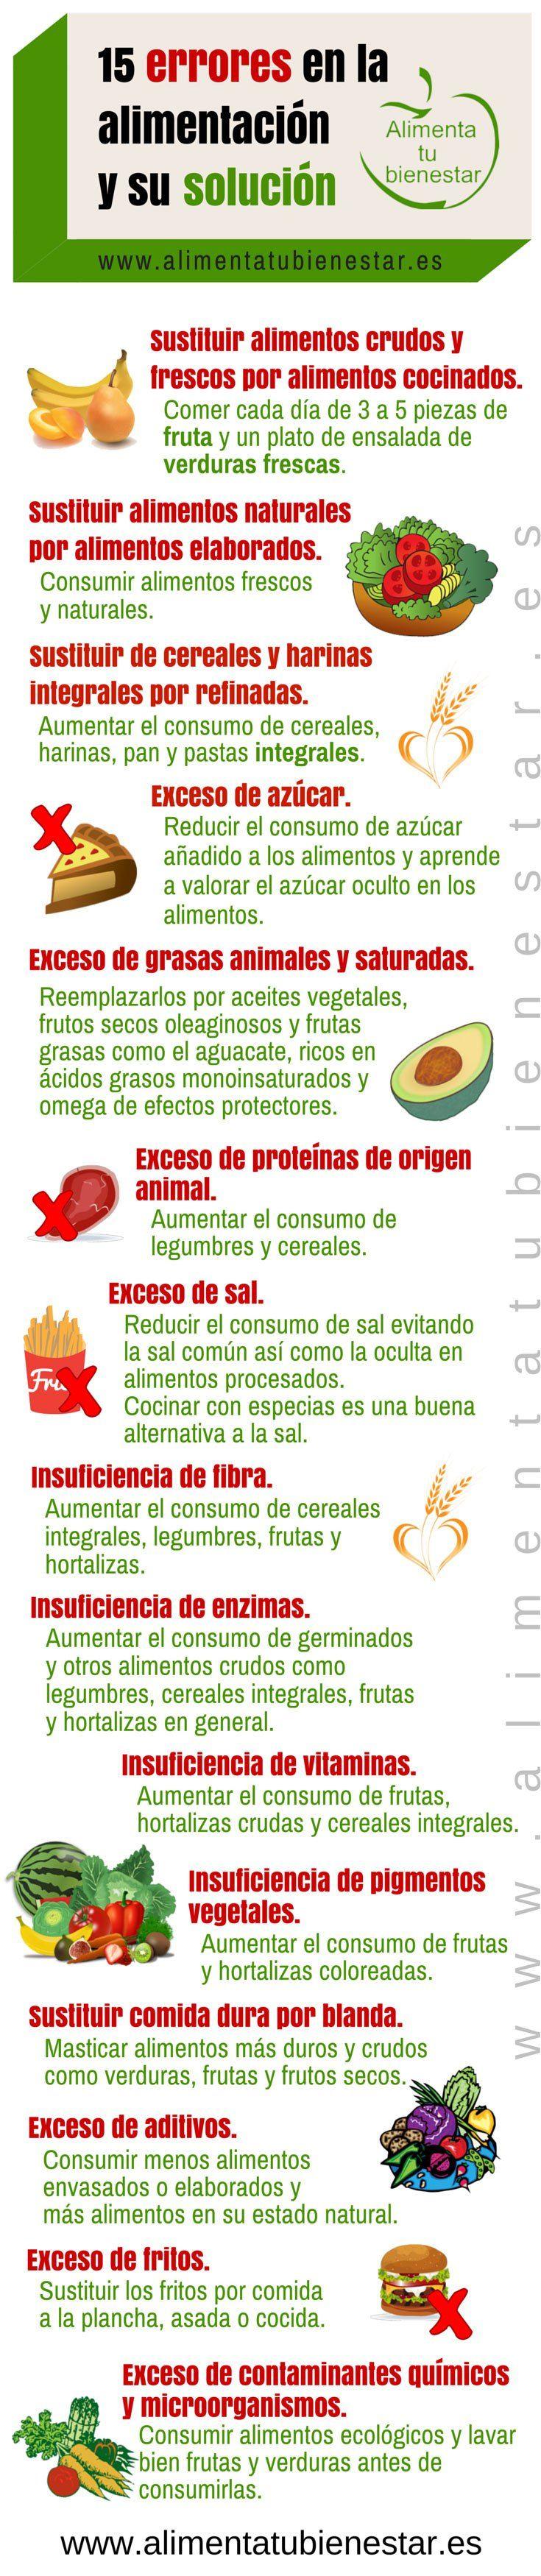 Recogemos 15 errores frecuentes en la alimentación y en la dieta y aportamos soluciones con el fin de saber cómo llevar una alimentación saludable.